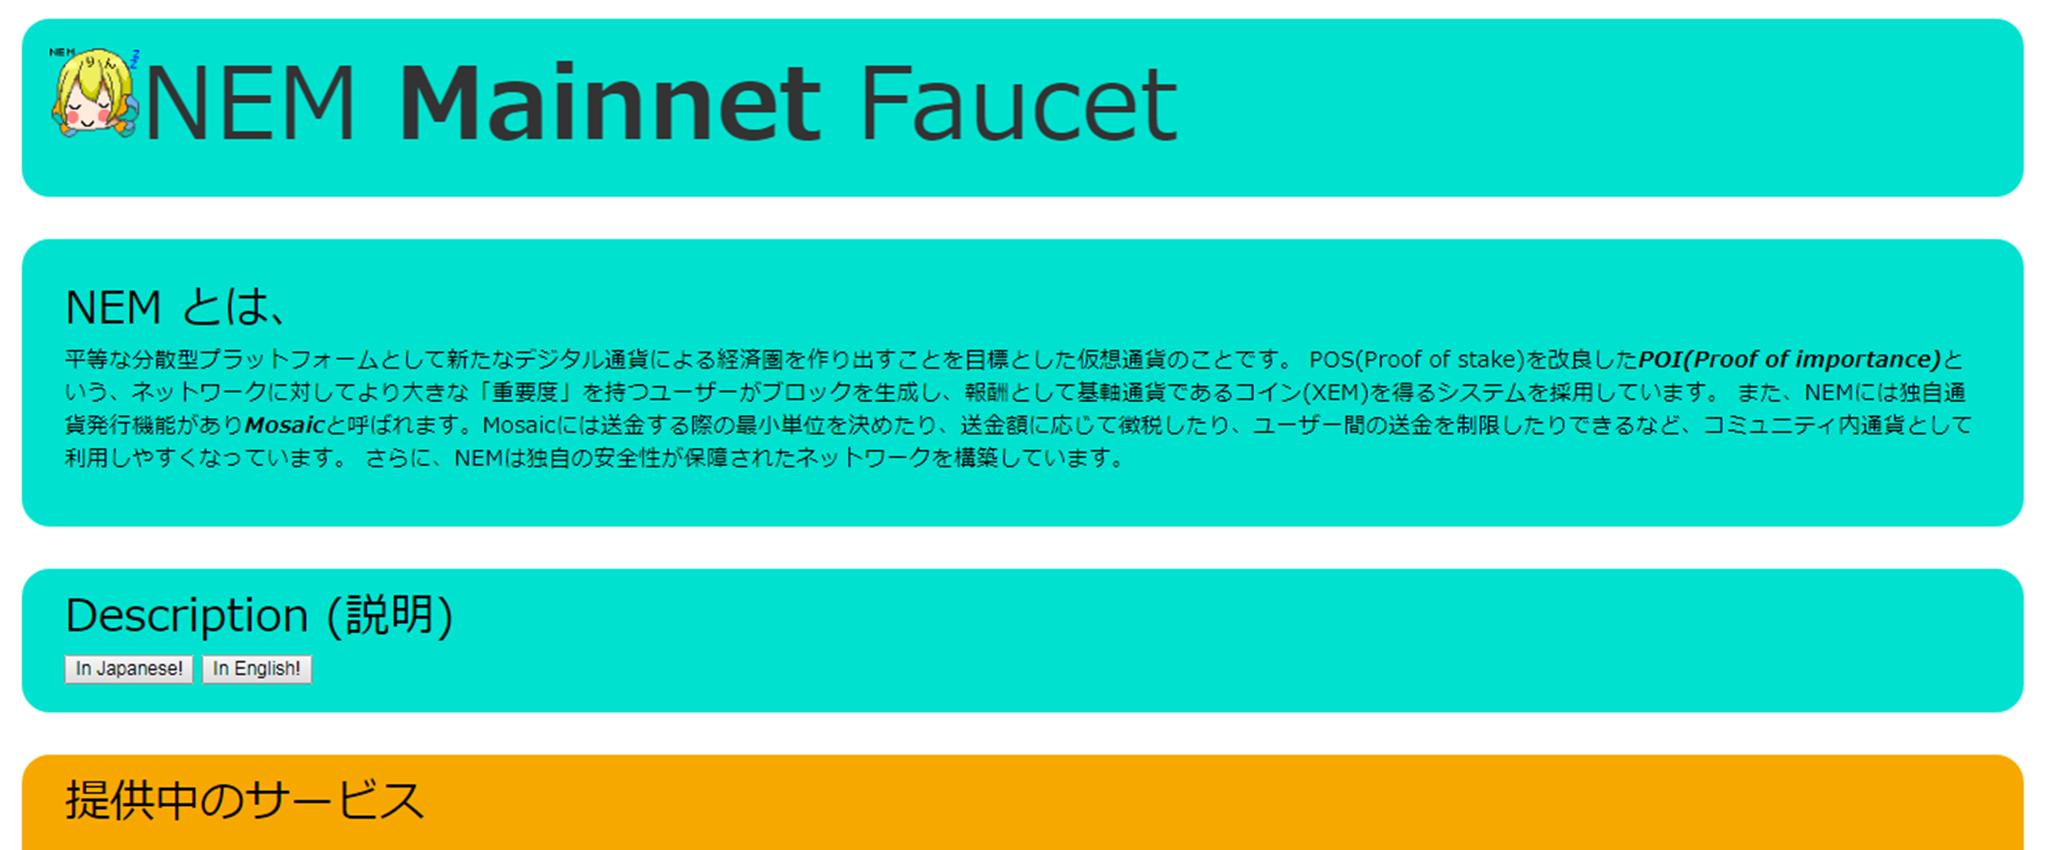 ネムMainnetFaucet